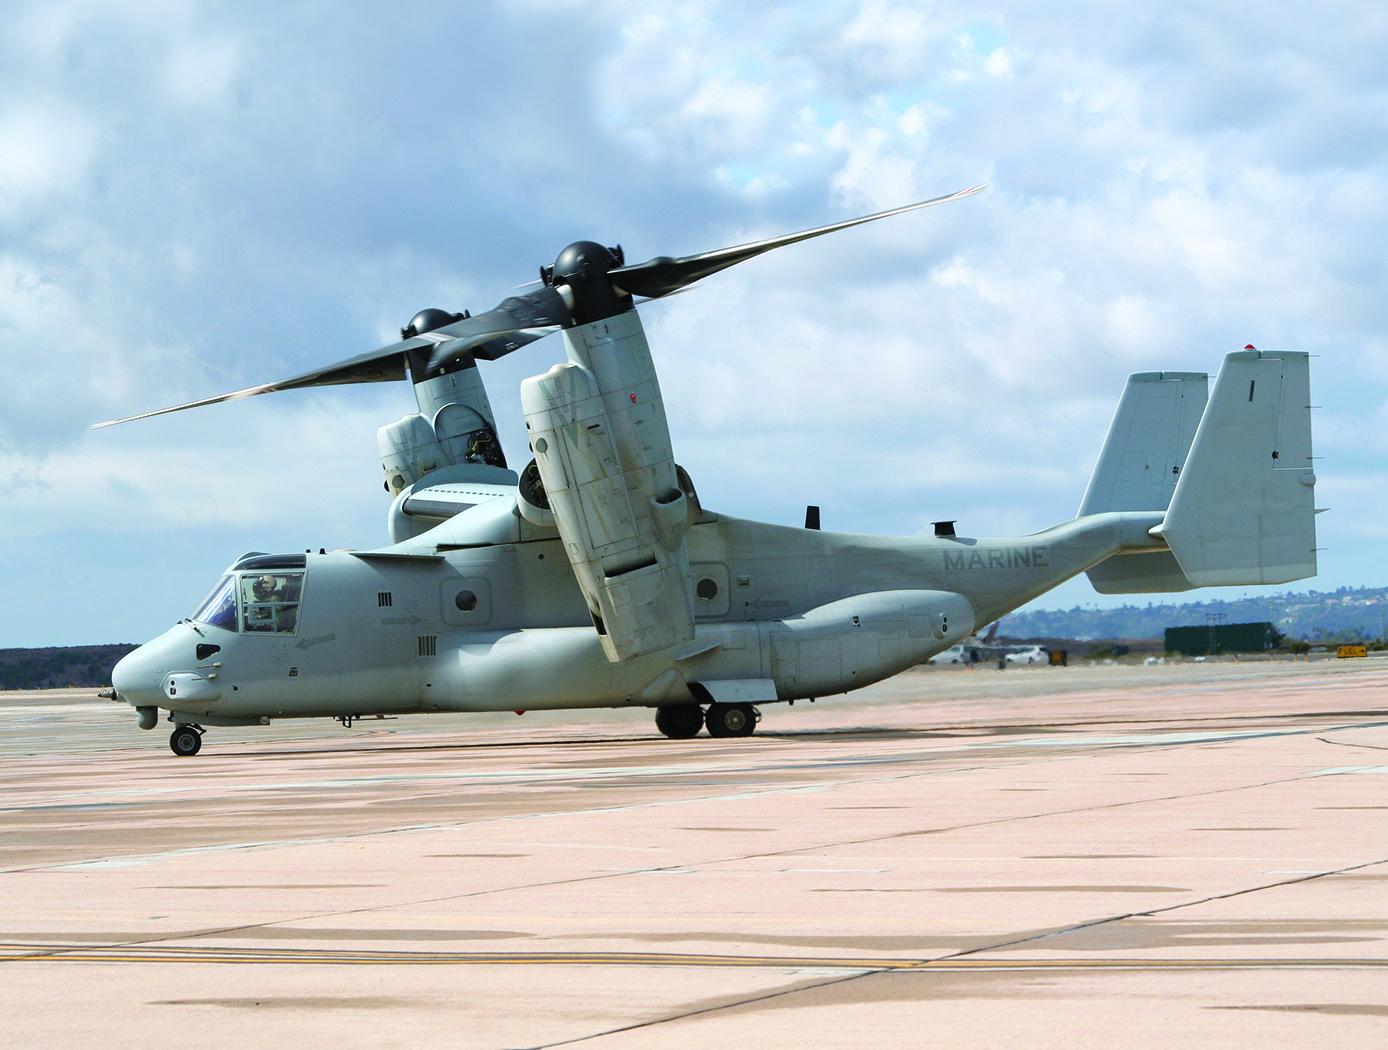 Military MV-22 Osprey